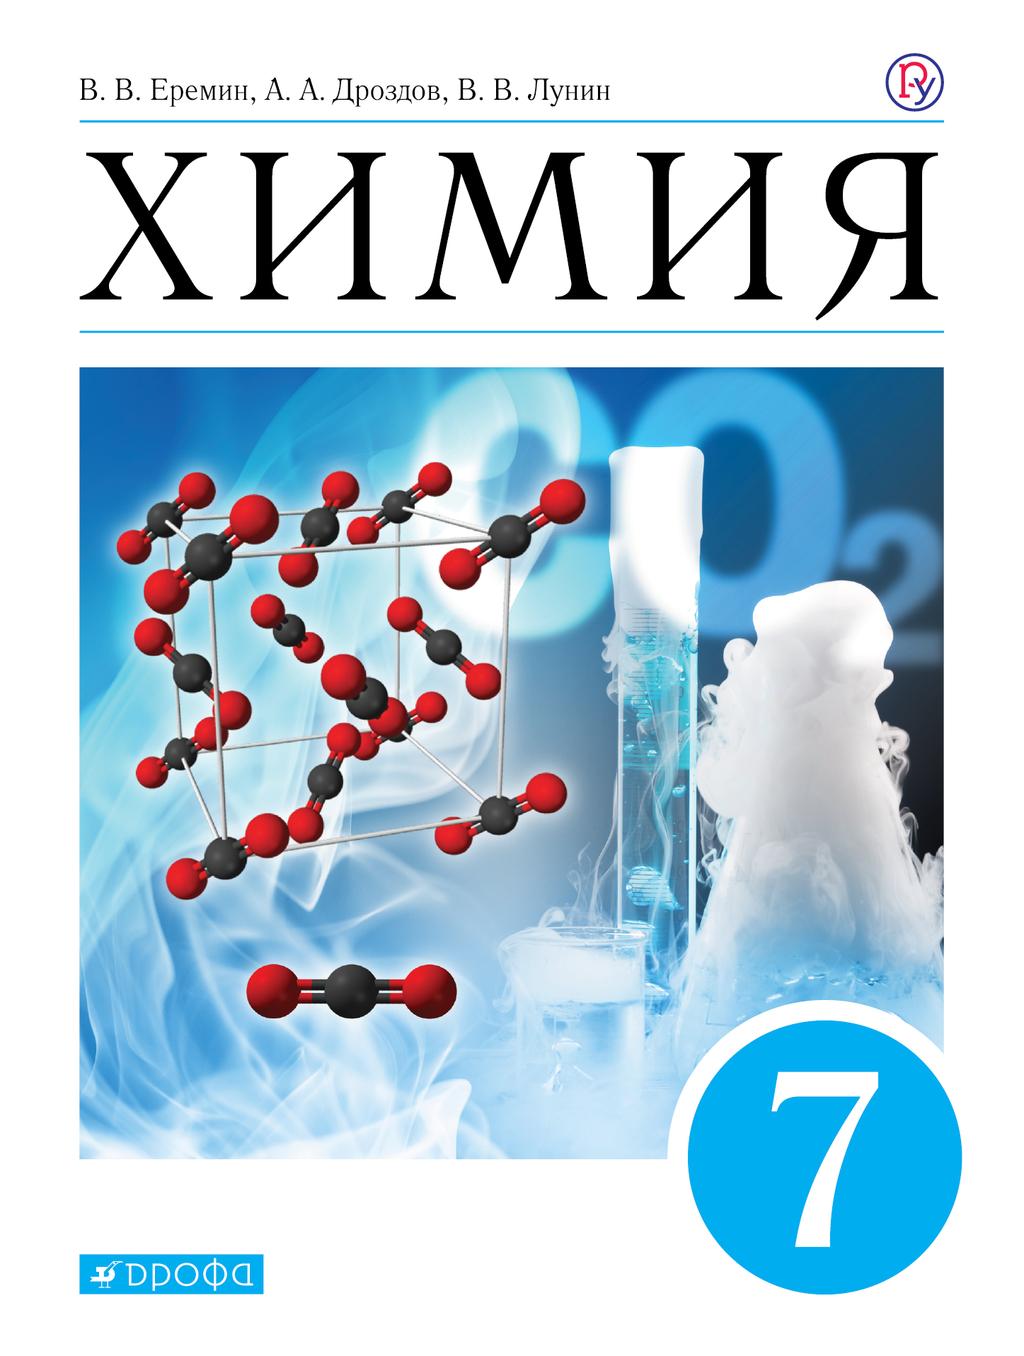 Химия. 7 класс Еремин Дроздов Лунин